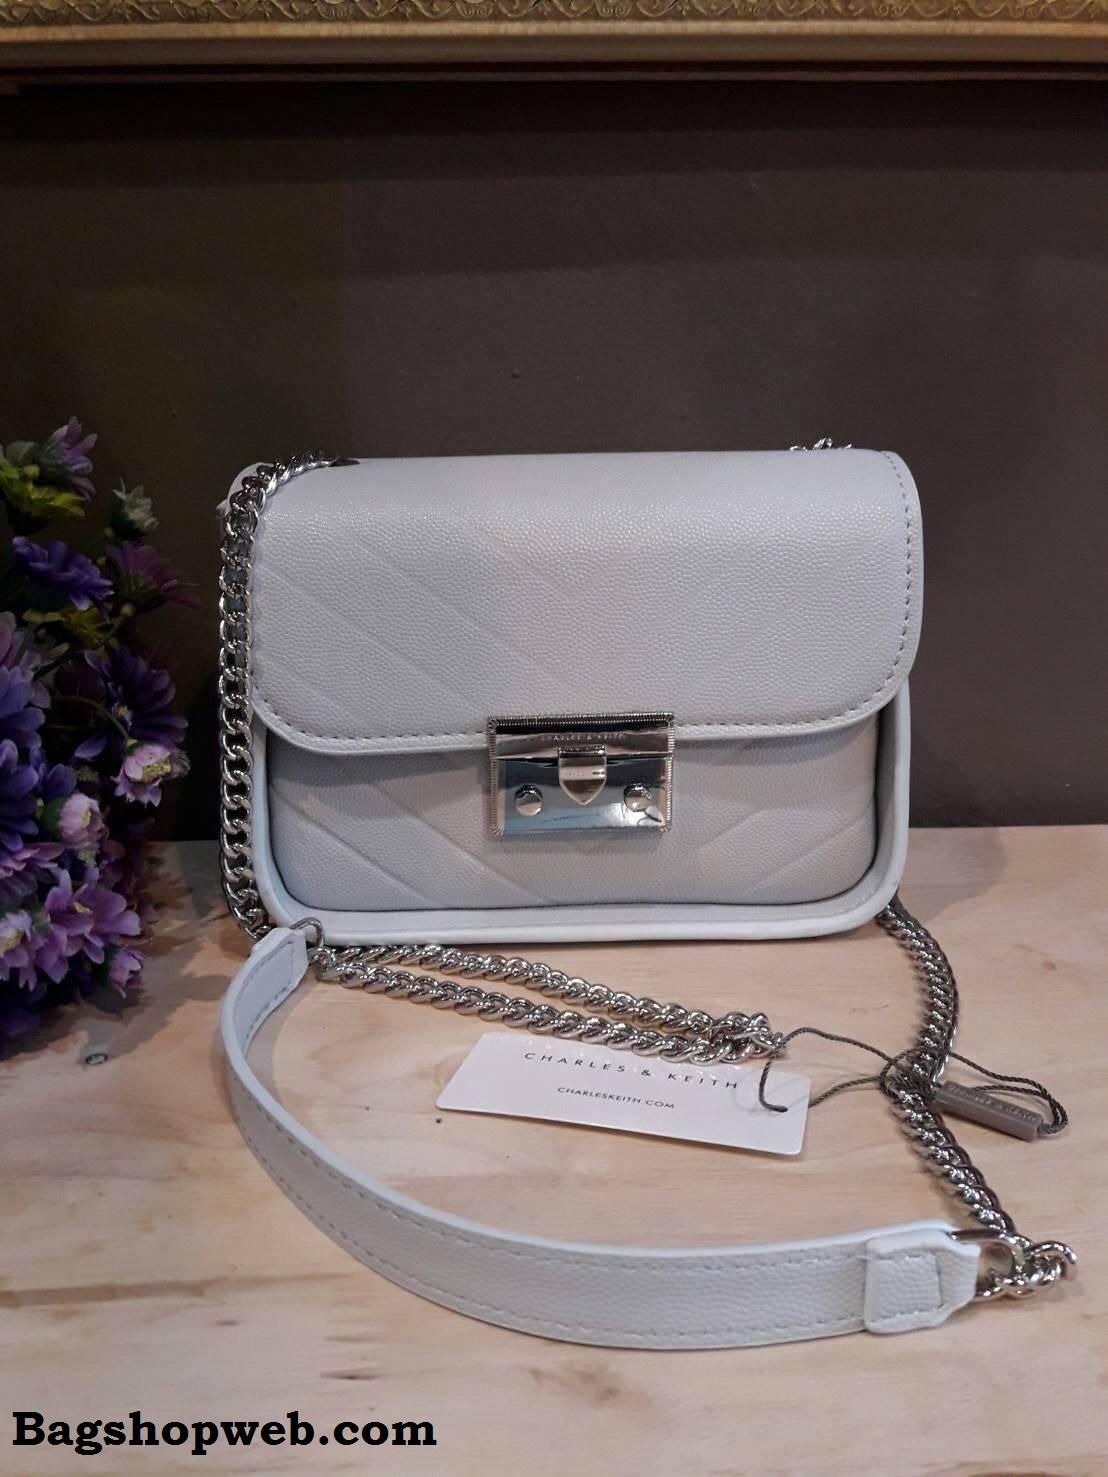 กระเป๋า CHARLES & KEITH PUSHLOCK CROSSBODY BAG สีฟ้า ราคา 1,390 บาท Free Ems